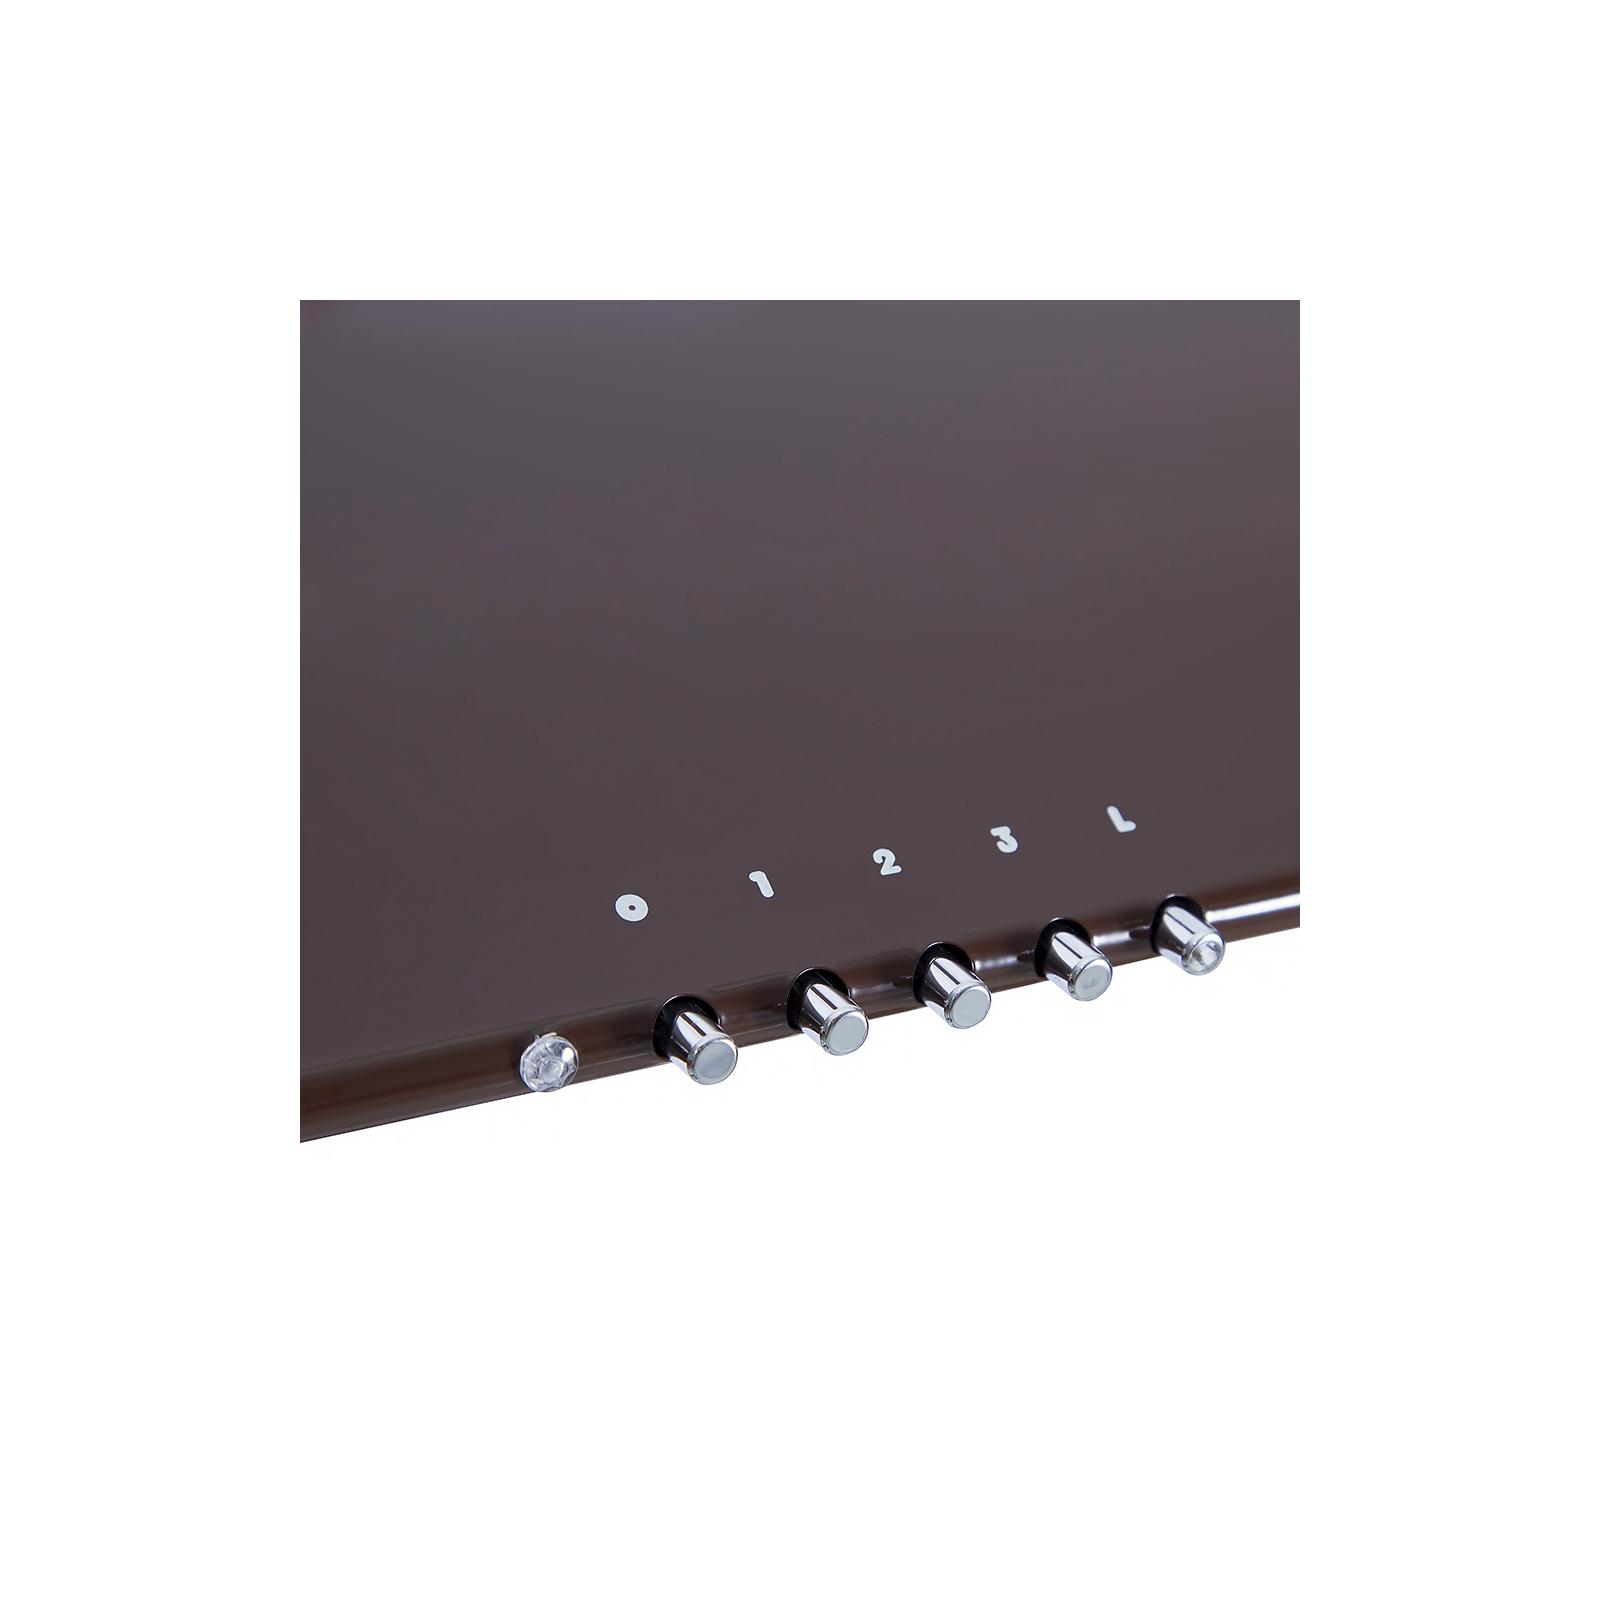 Вытяжка кухонная PERFELLI K 512 BR LED изображение 3